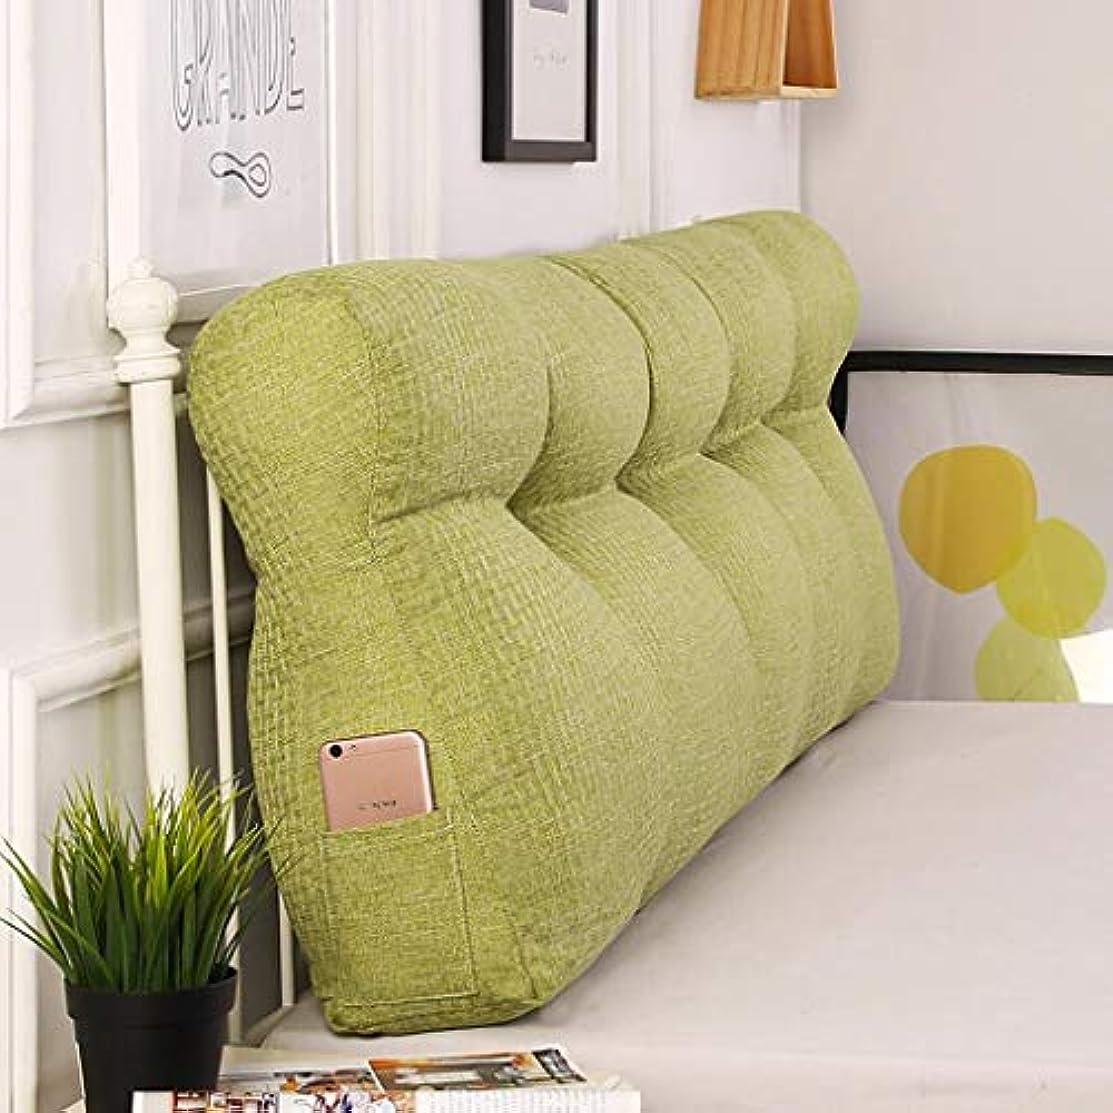 溶融チョップ食品ヘッドボードトライアングルクッションダブルソファ大きなバックソフトバッグ枕ウエスト枕良い通気性 Zsetop (Color : A, Size : 200*50*15cm)